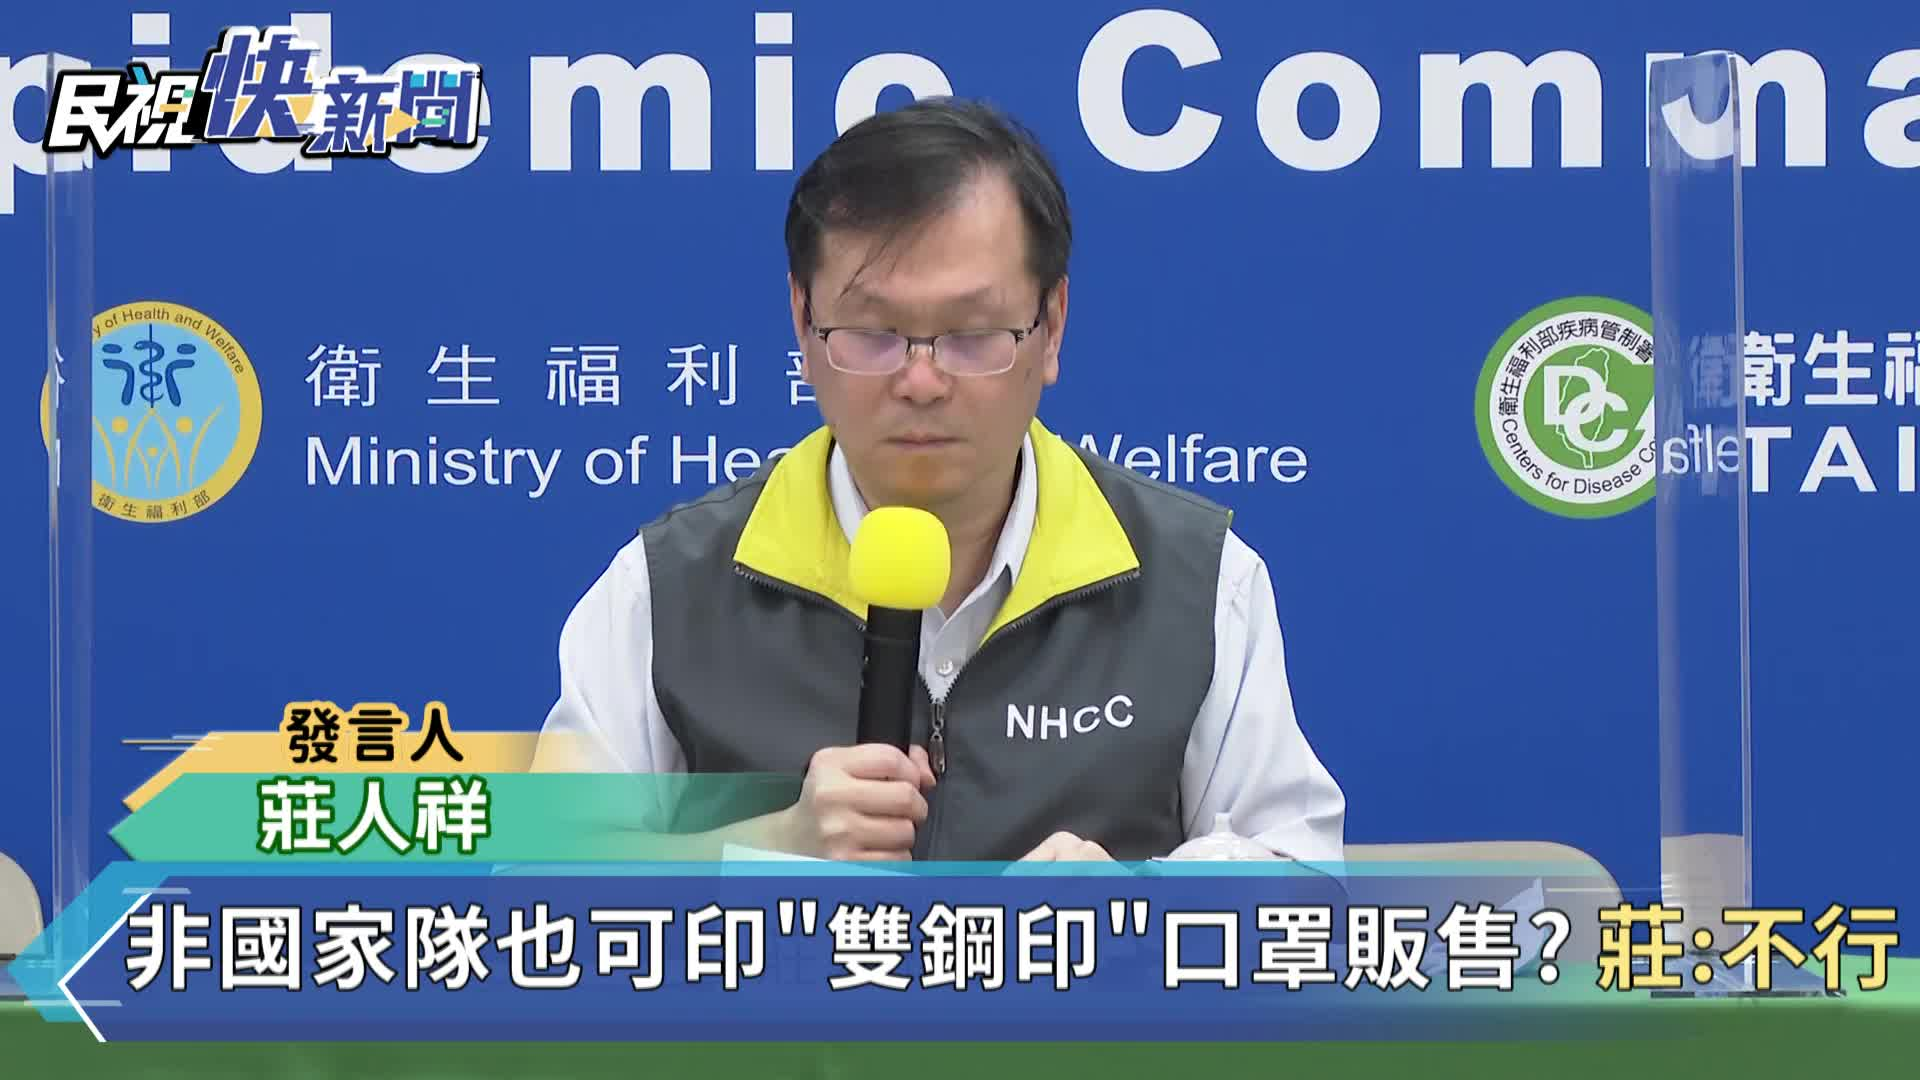 快新聞/莊人祥:「雙鋼印」皆被徵用口罩 非國家隊不得販售